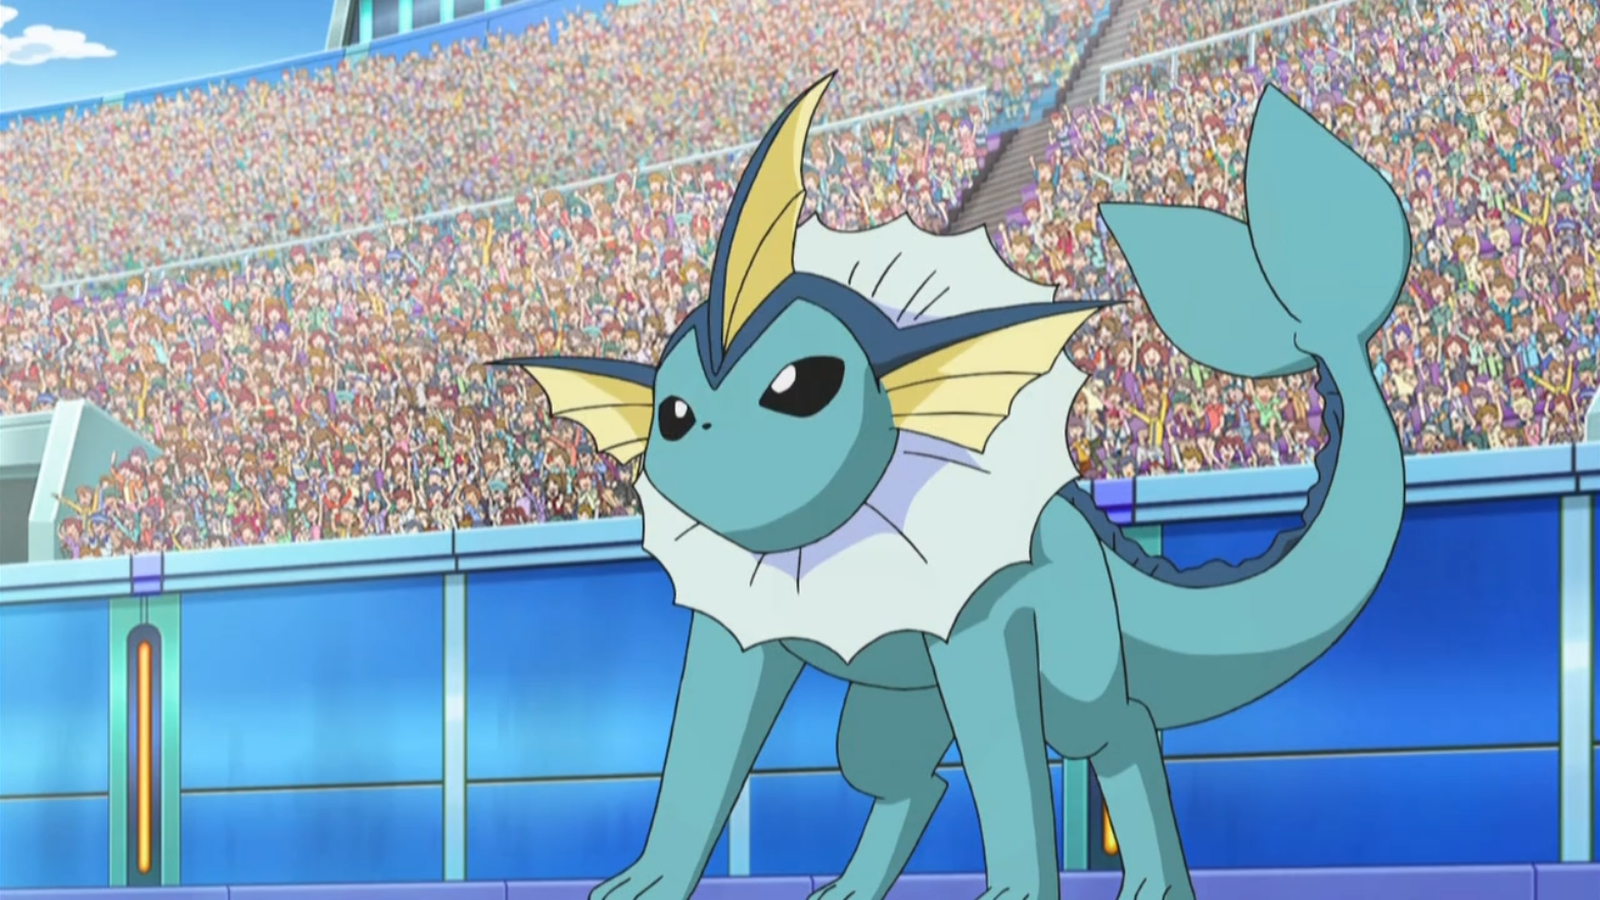 PokemonGO's Vaporeon Has Been Nerfed